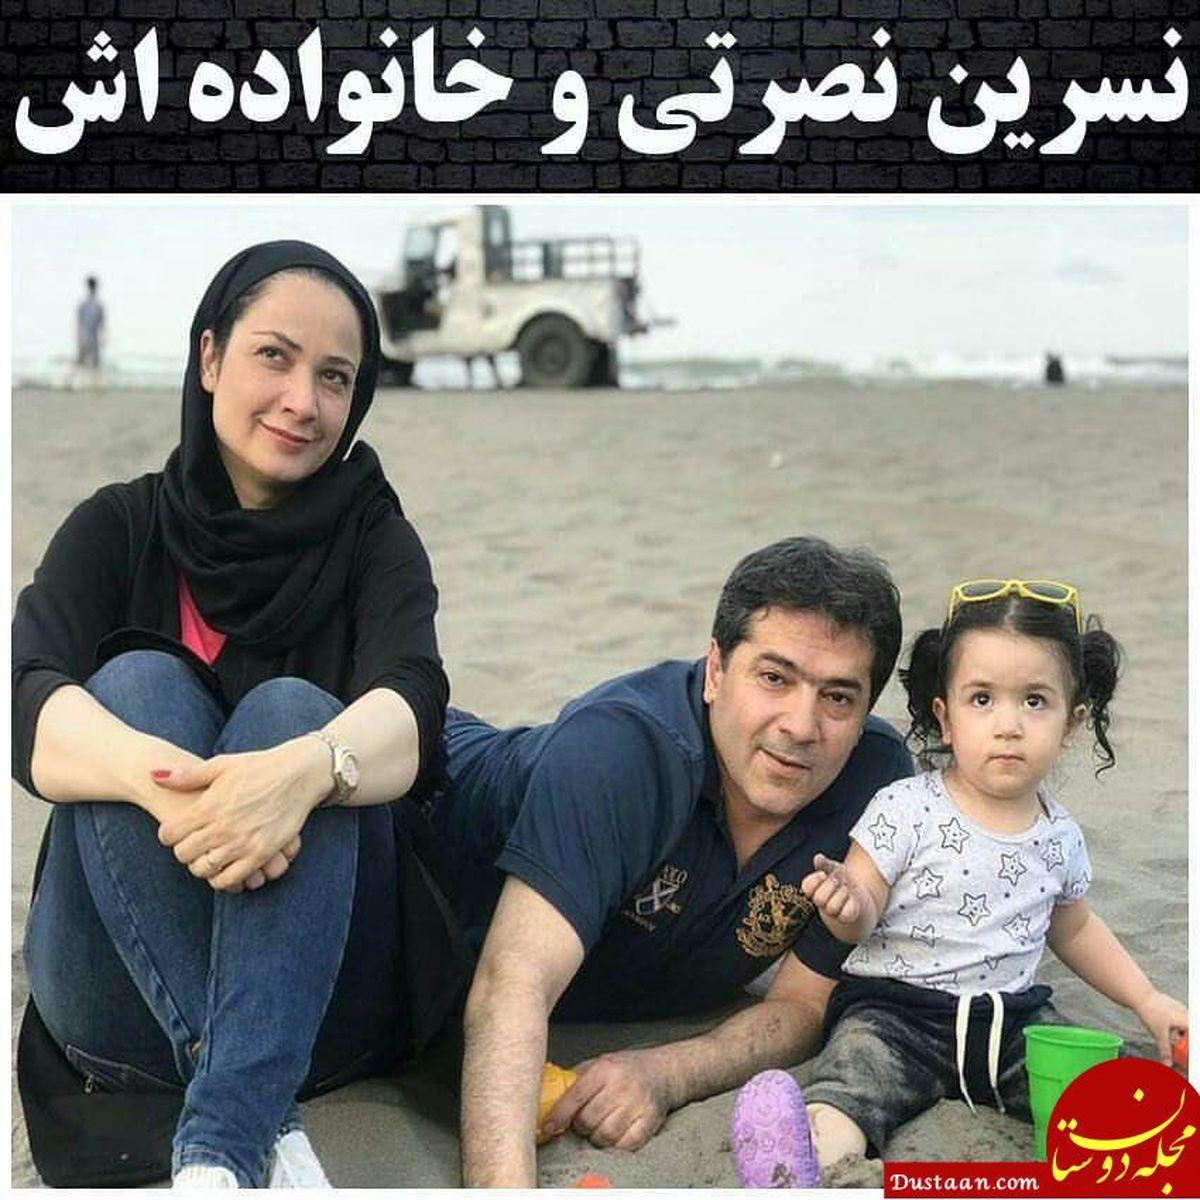 عاشقانه های نسرین نصرتی بازیگر نقش فهیمه سریال پایتخت و همسرش لب ساحل + بیوگرافی